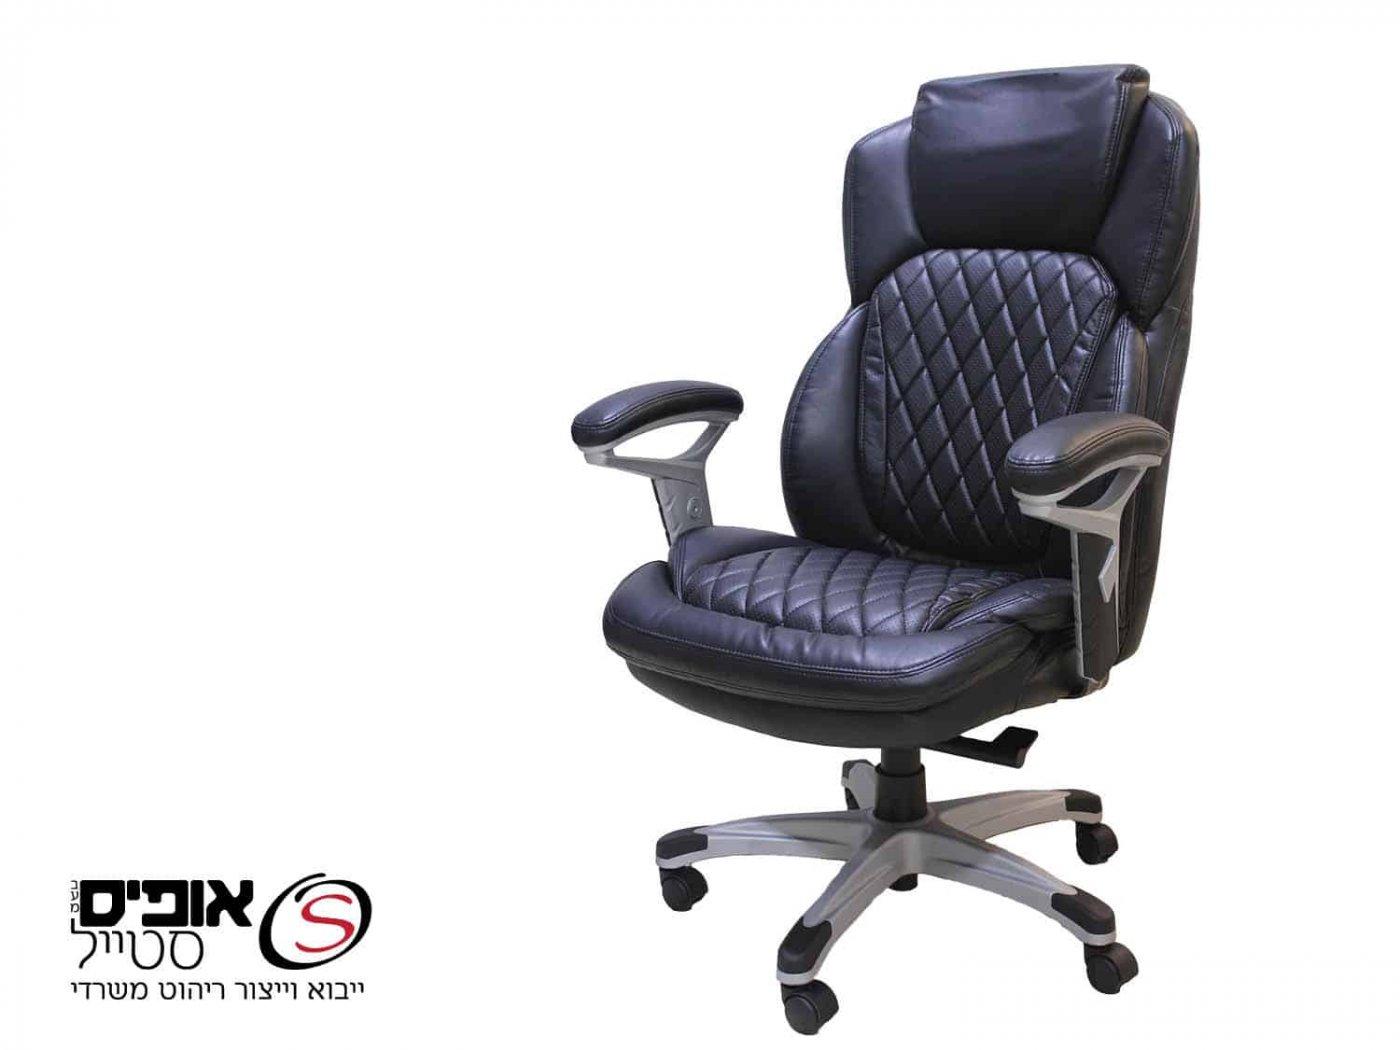 כסא מנהל דגם רובי